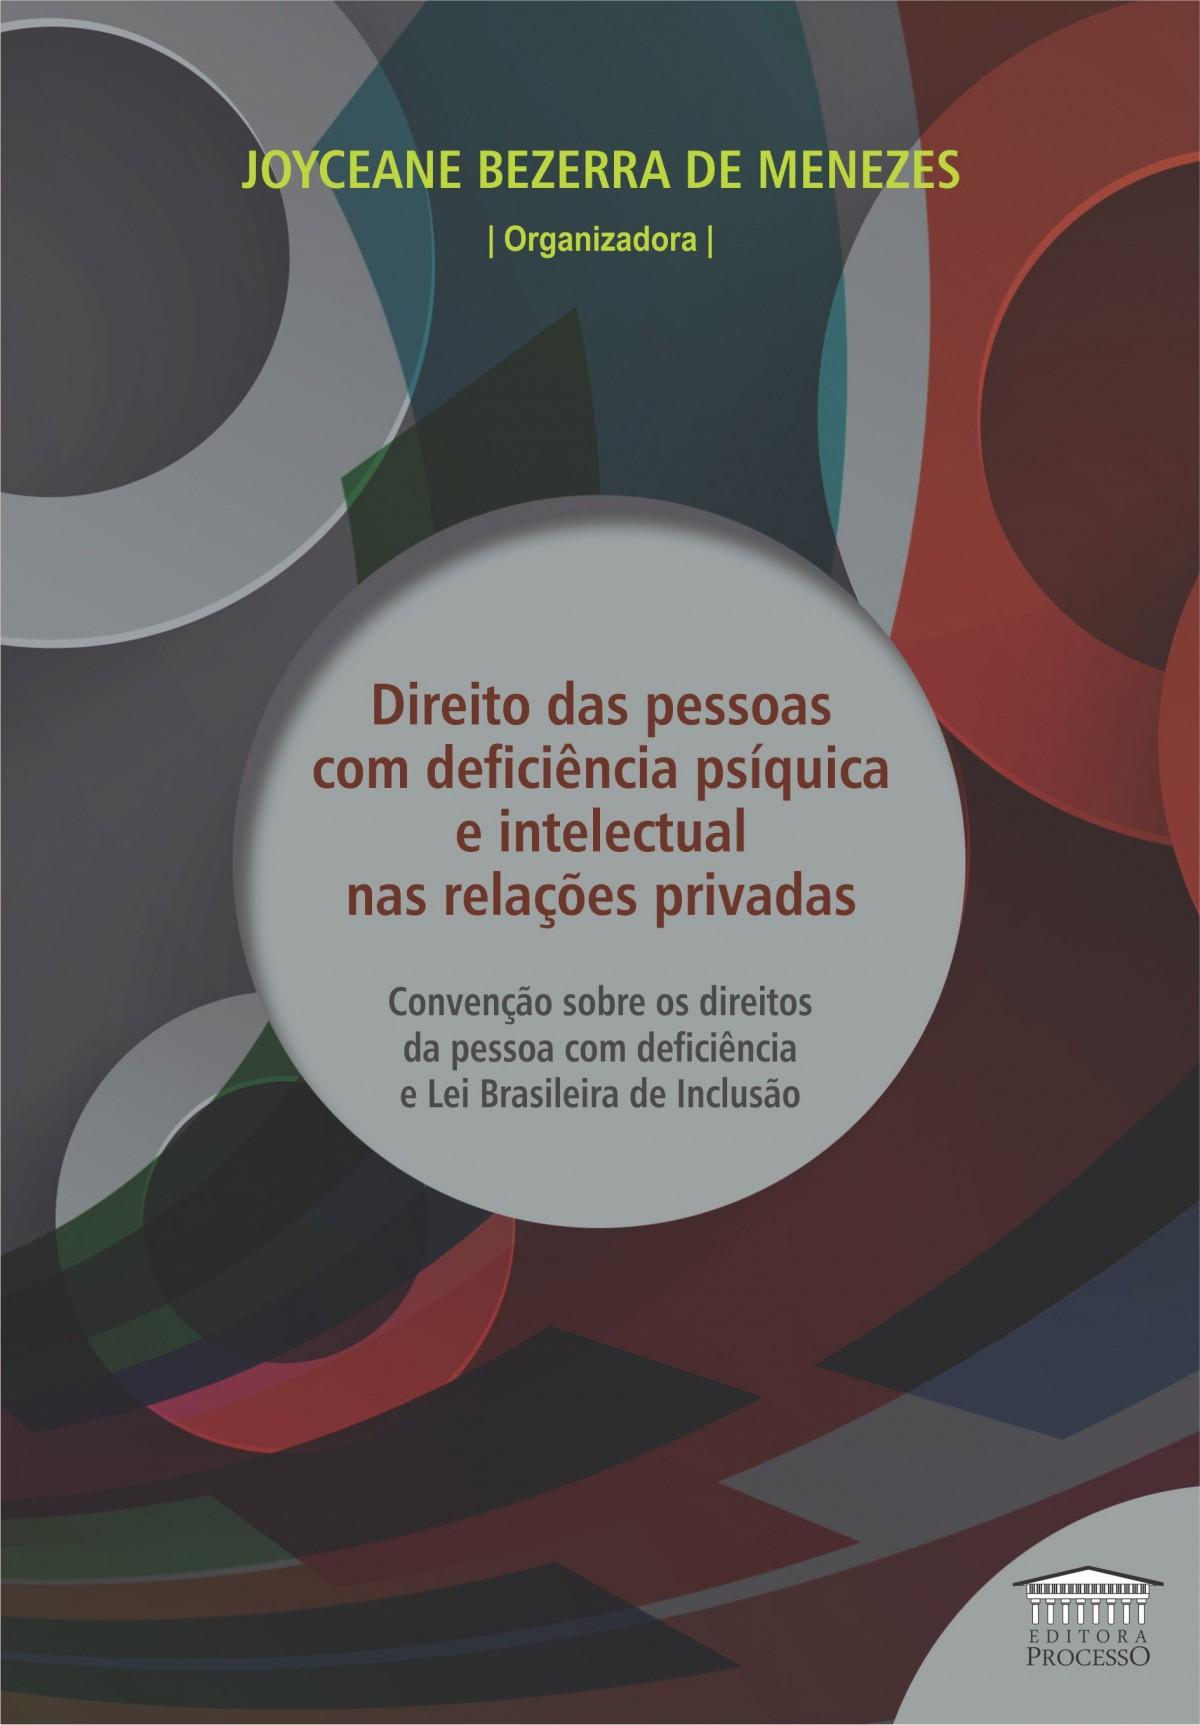 Foto 1 - Direito das pessoas com deficiência psíquica e intelectual nas relações privadas